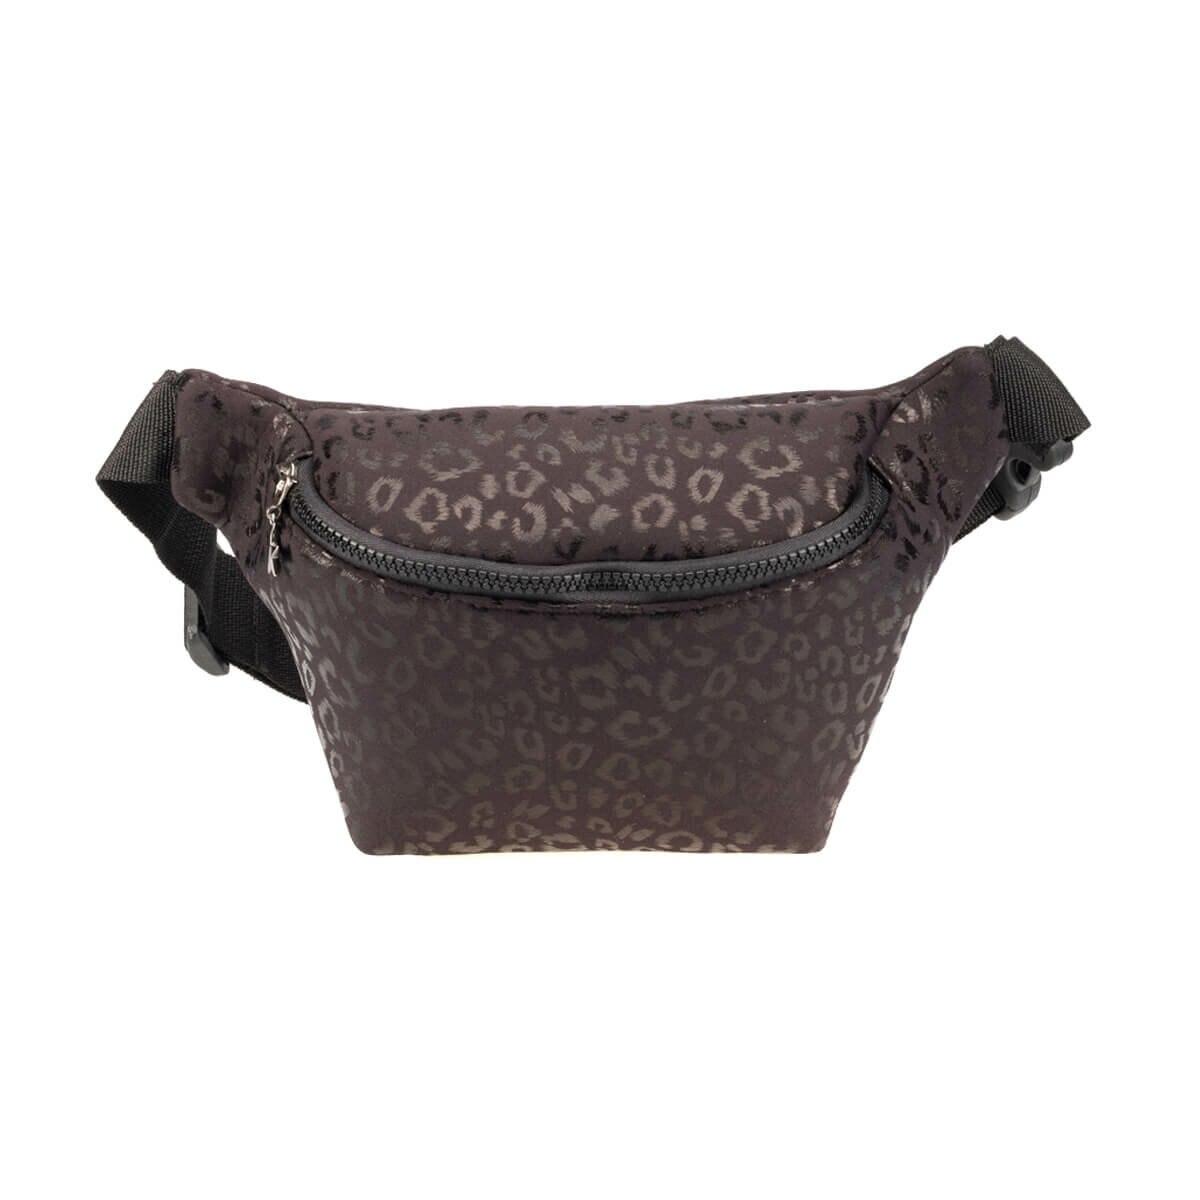 FLO WWDRN1600 Black Women Waist Bag BUTIGO